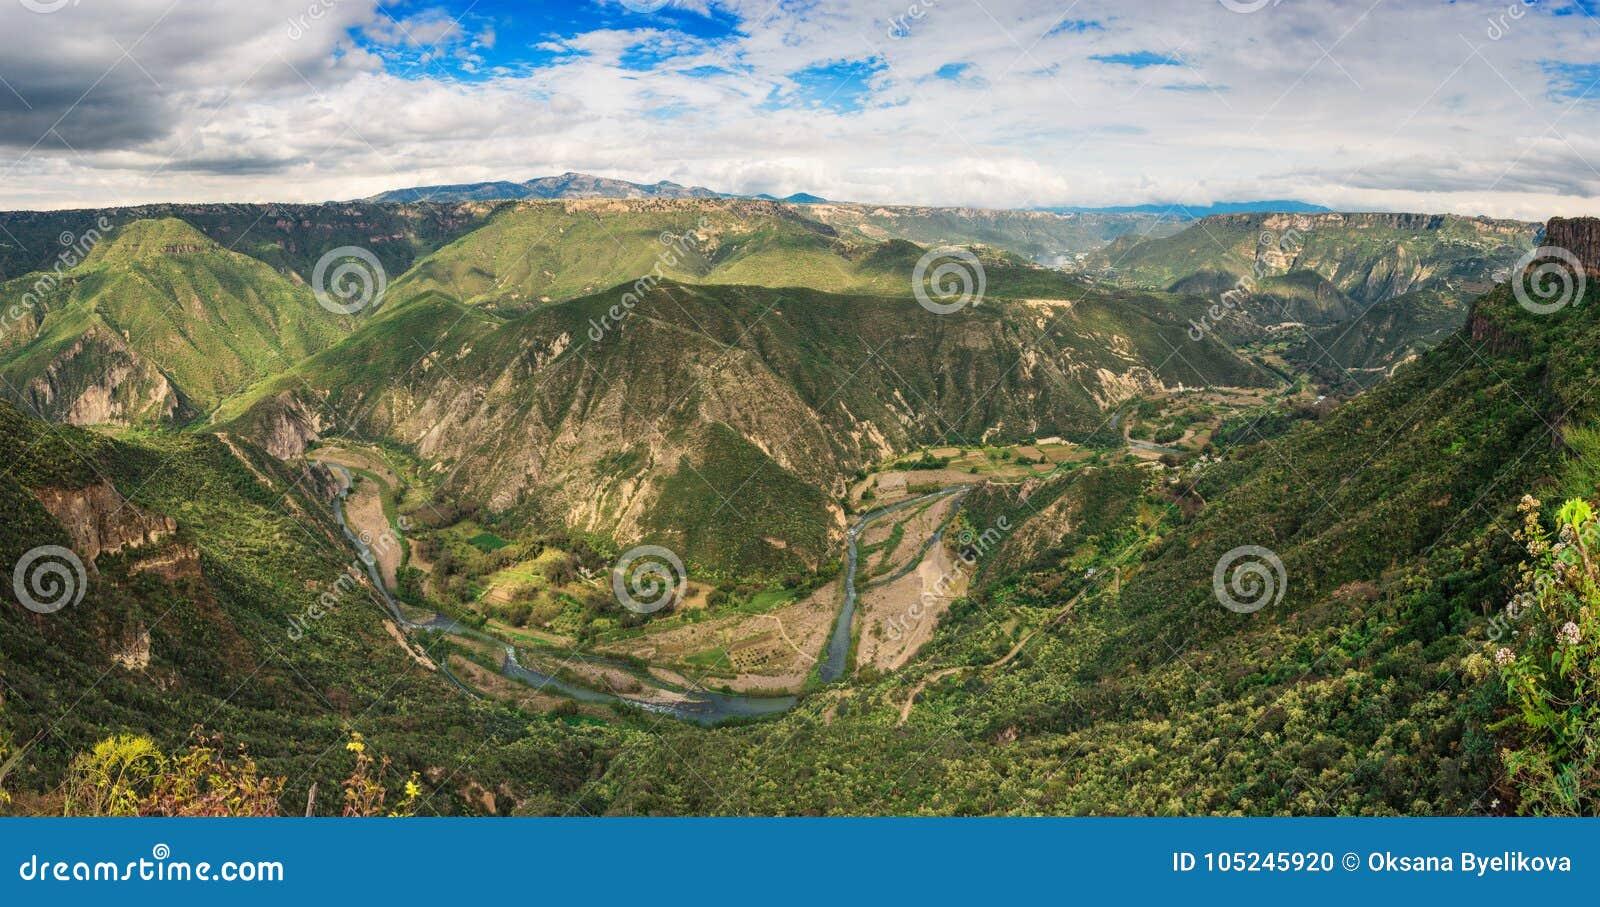 Riserva di biosfera del canyon di Metztitlan, Messico